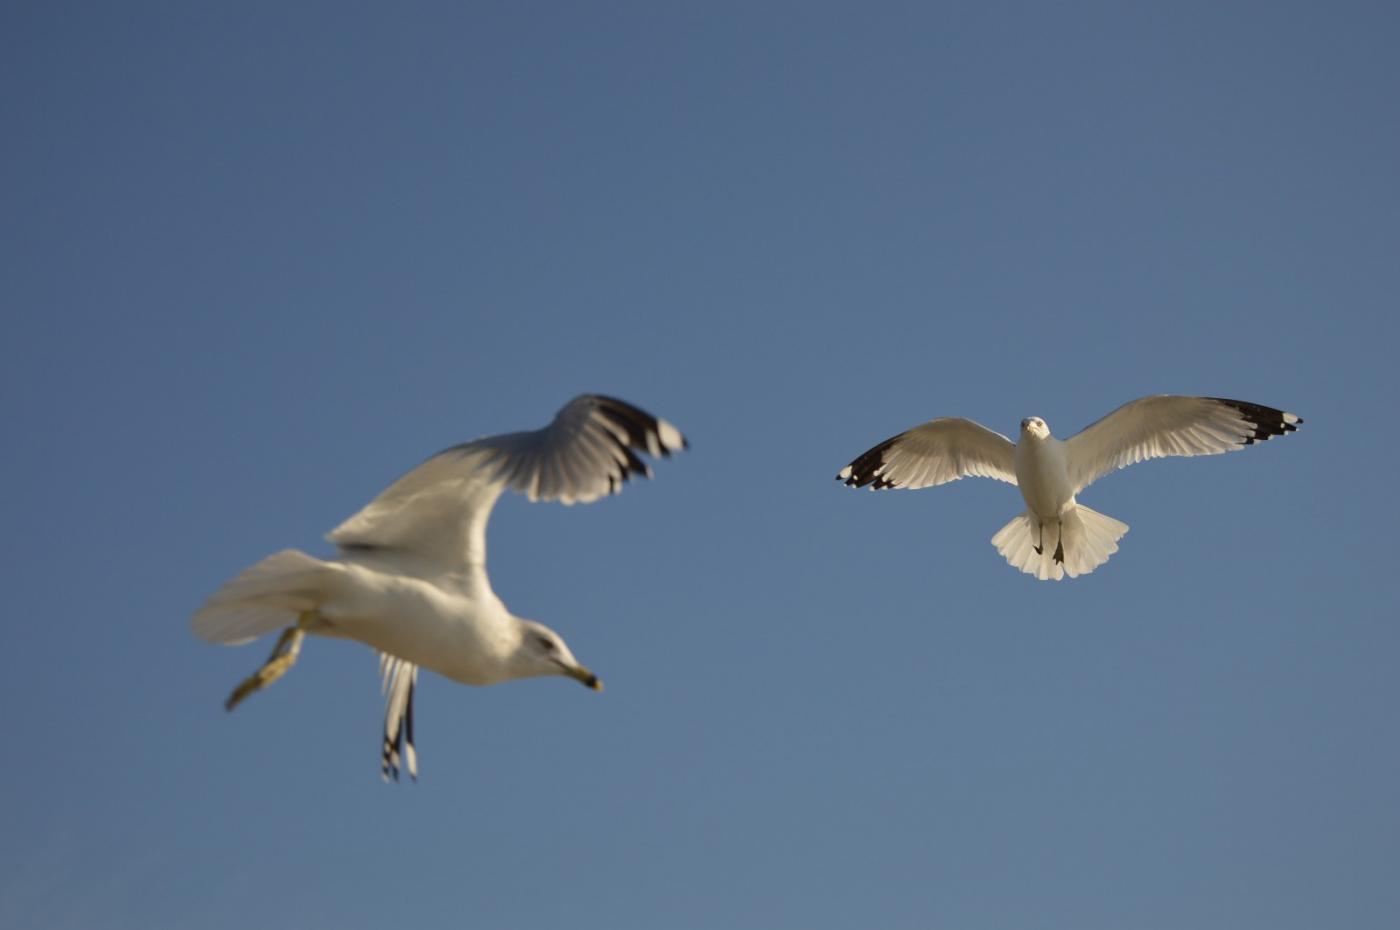 海鸥飞翔_图1-24